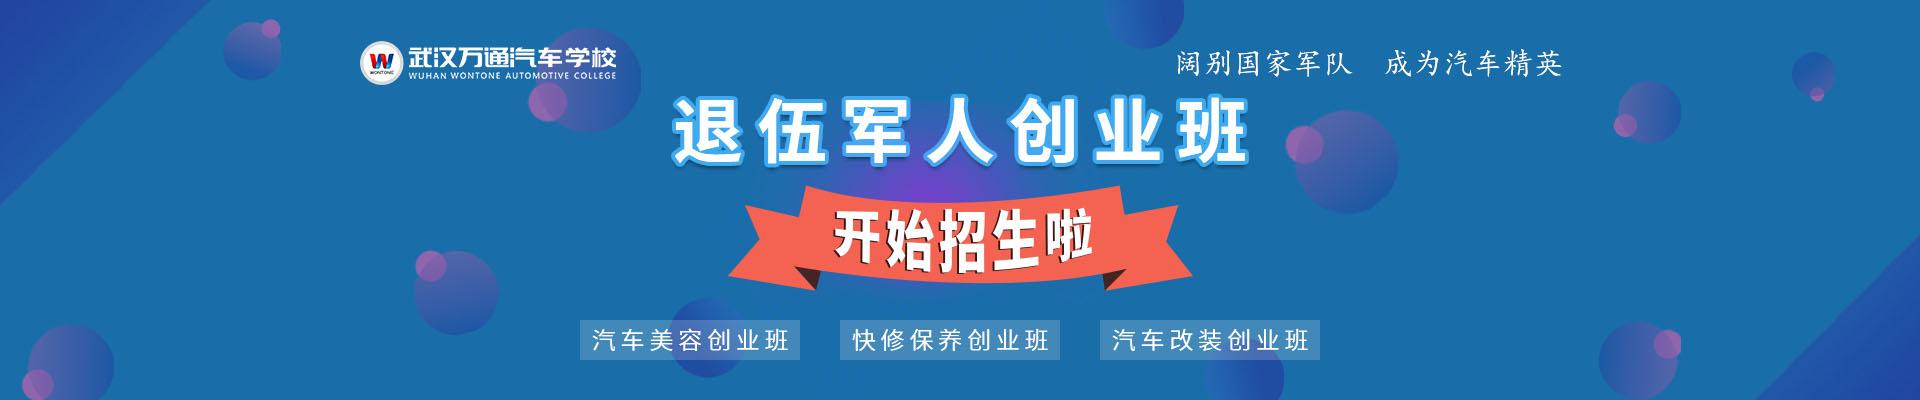 退伍军人学汽修-武汉万通汽修学校